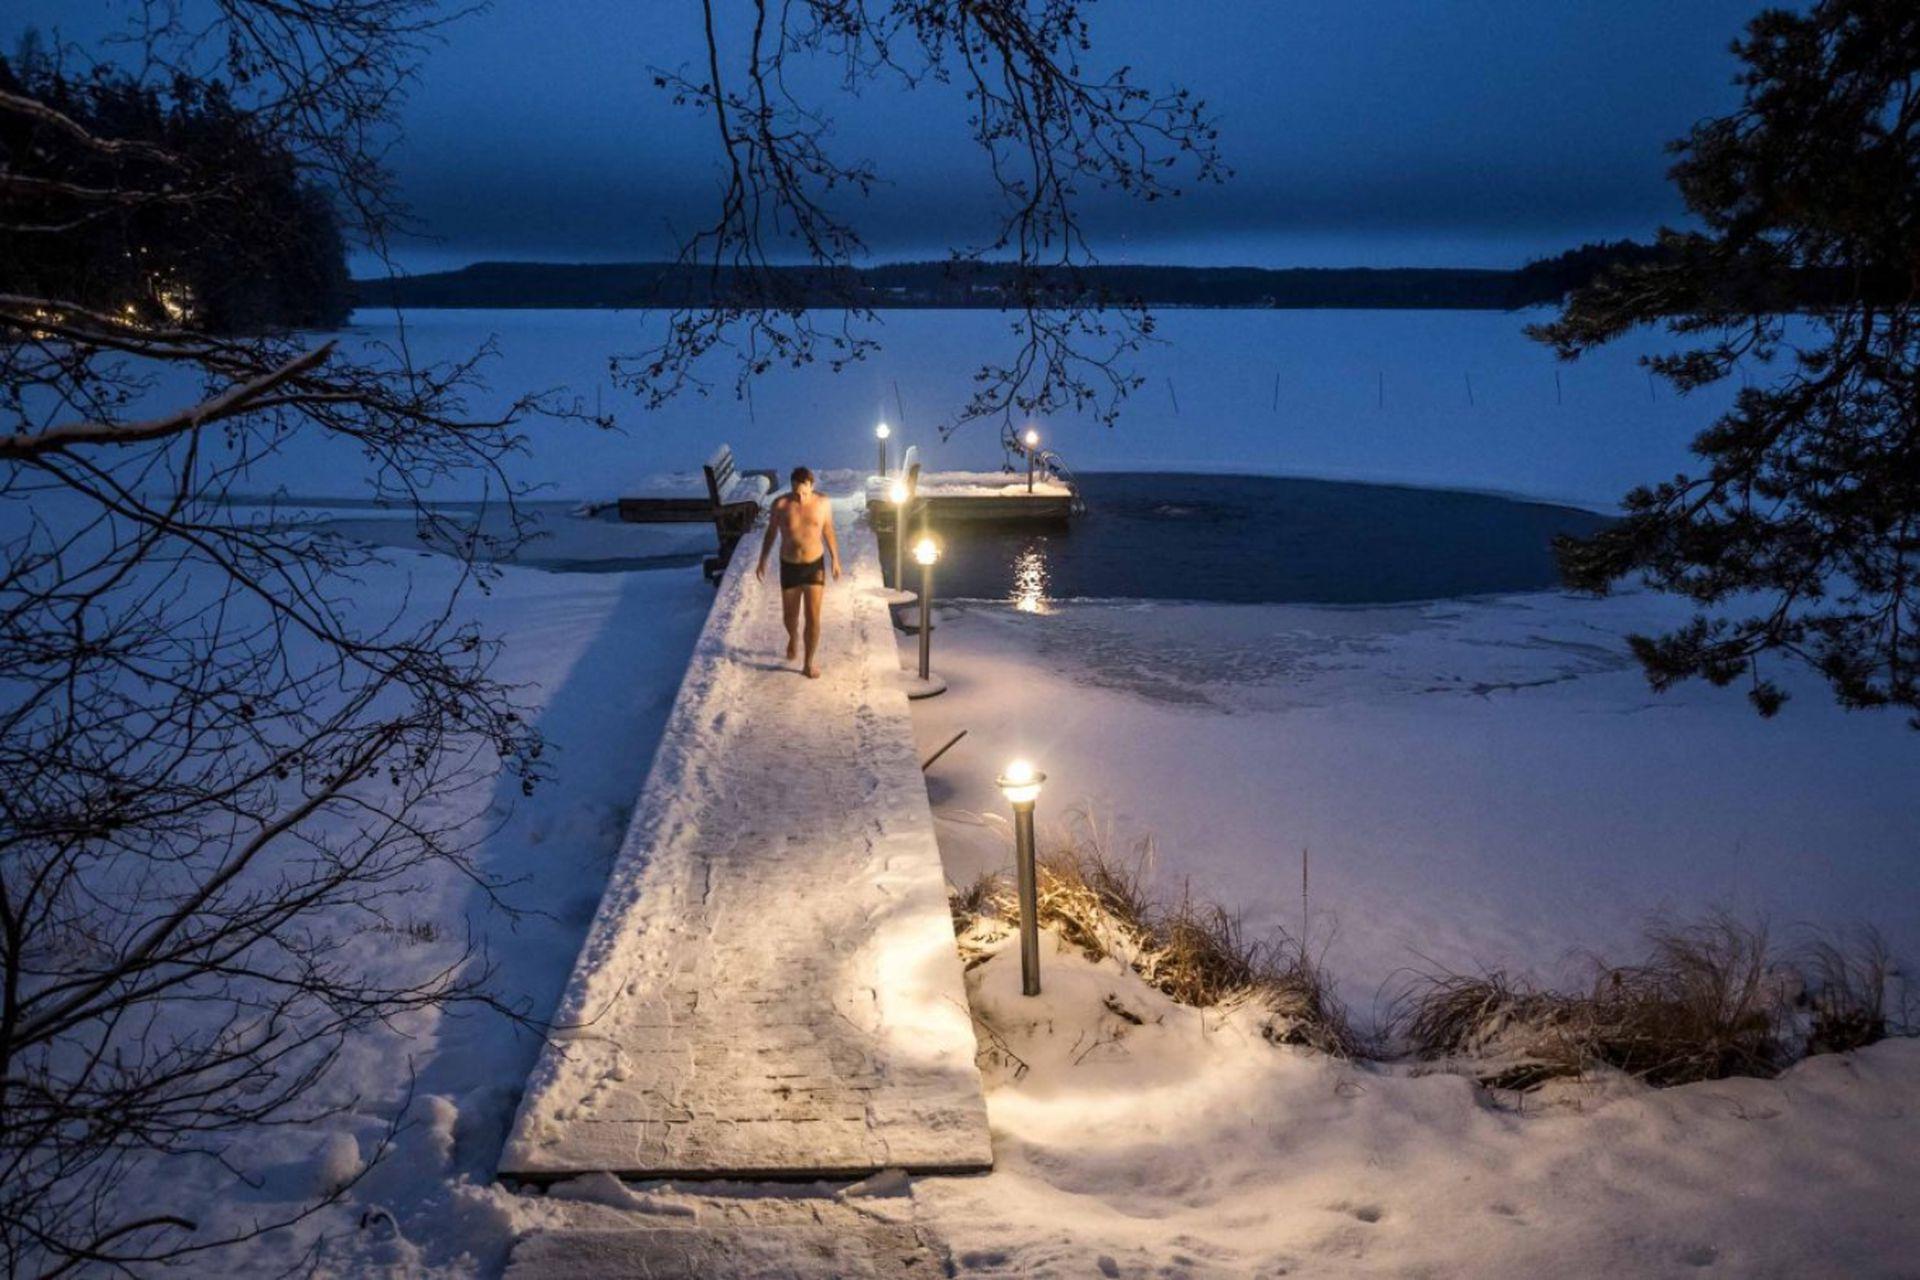 En Finlandia es usual nadar en lagos congelados luego del sauna.